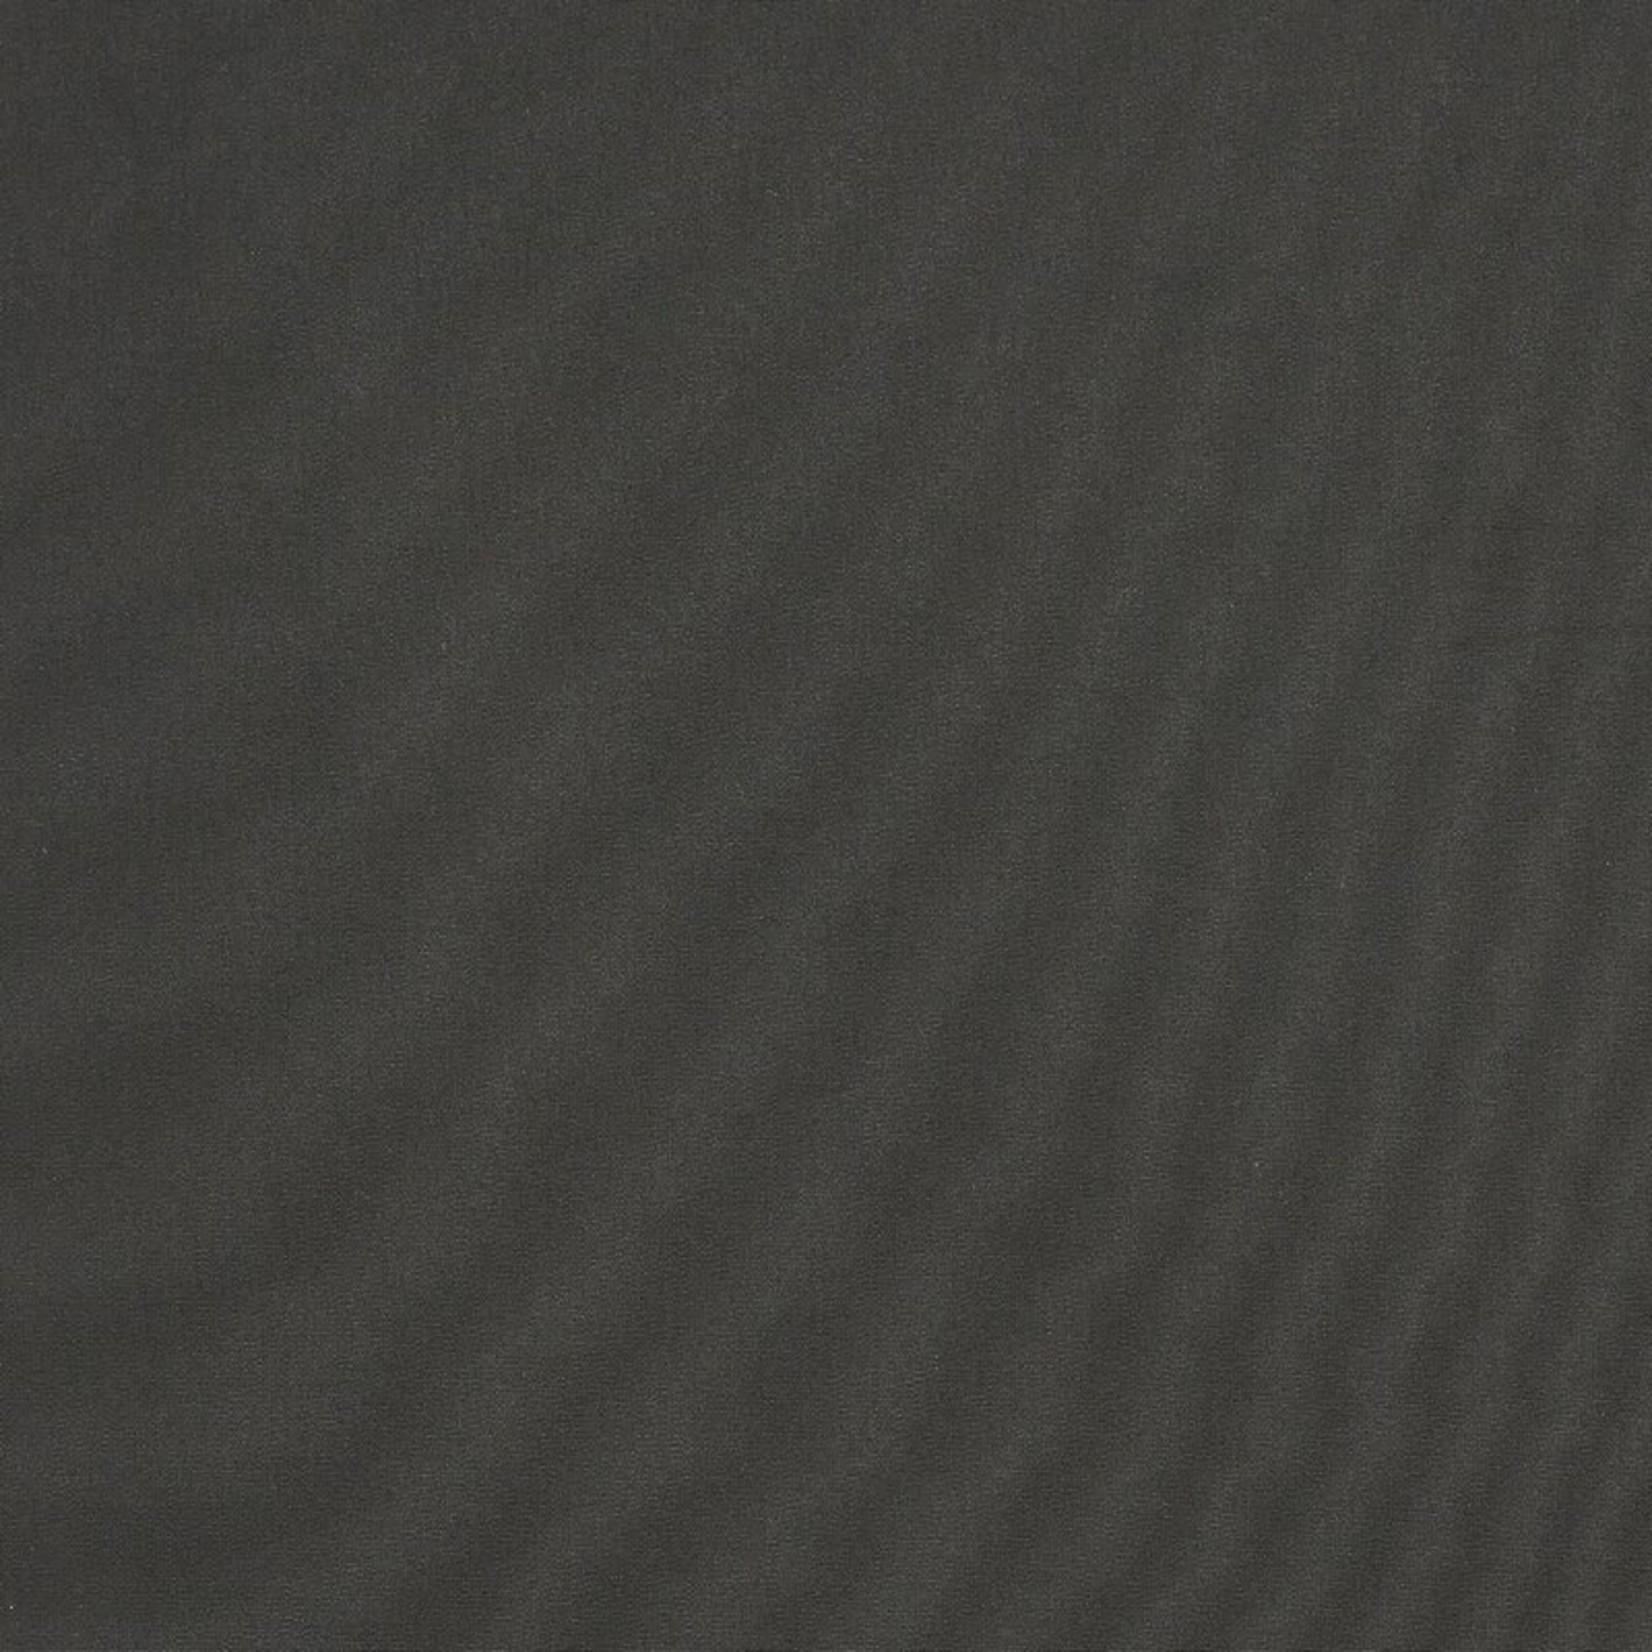 *Hinkson Indoor/Outdoor Floor Pillow - Black (Final Sale)